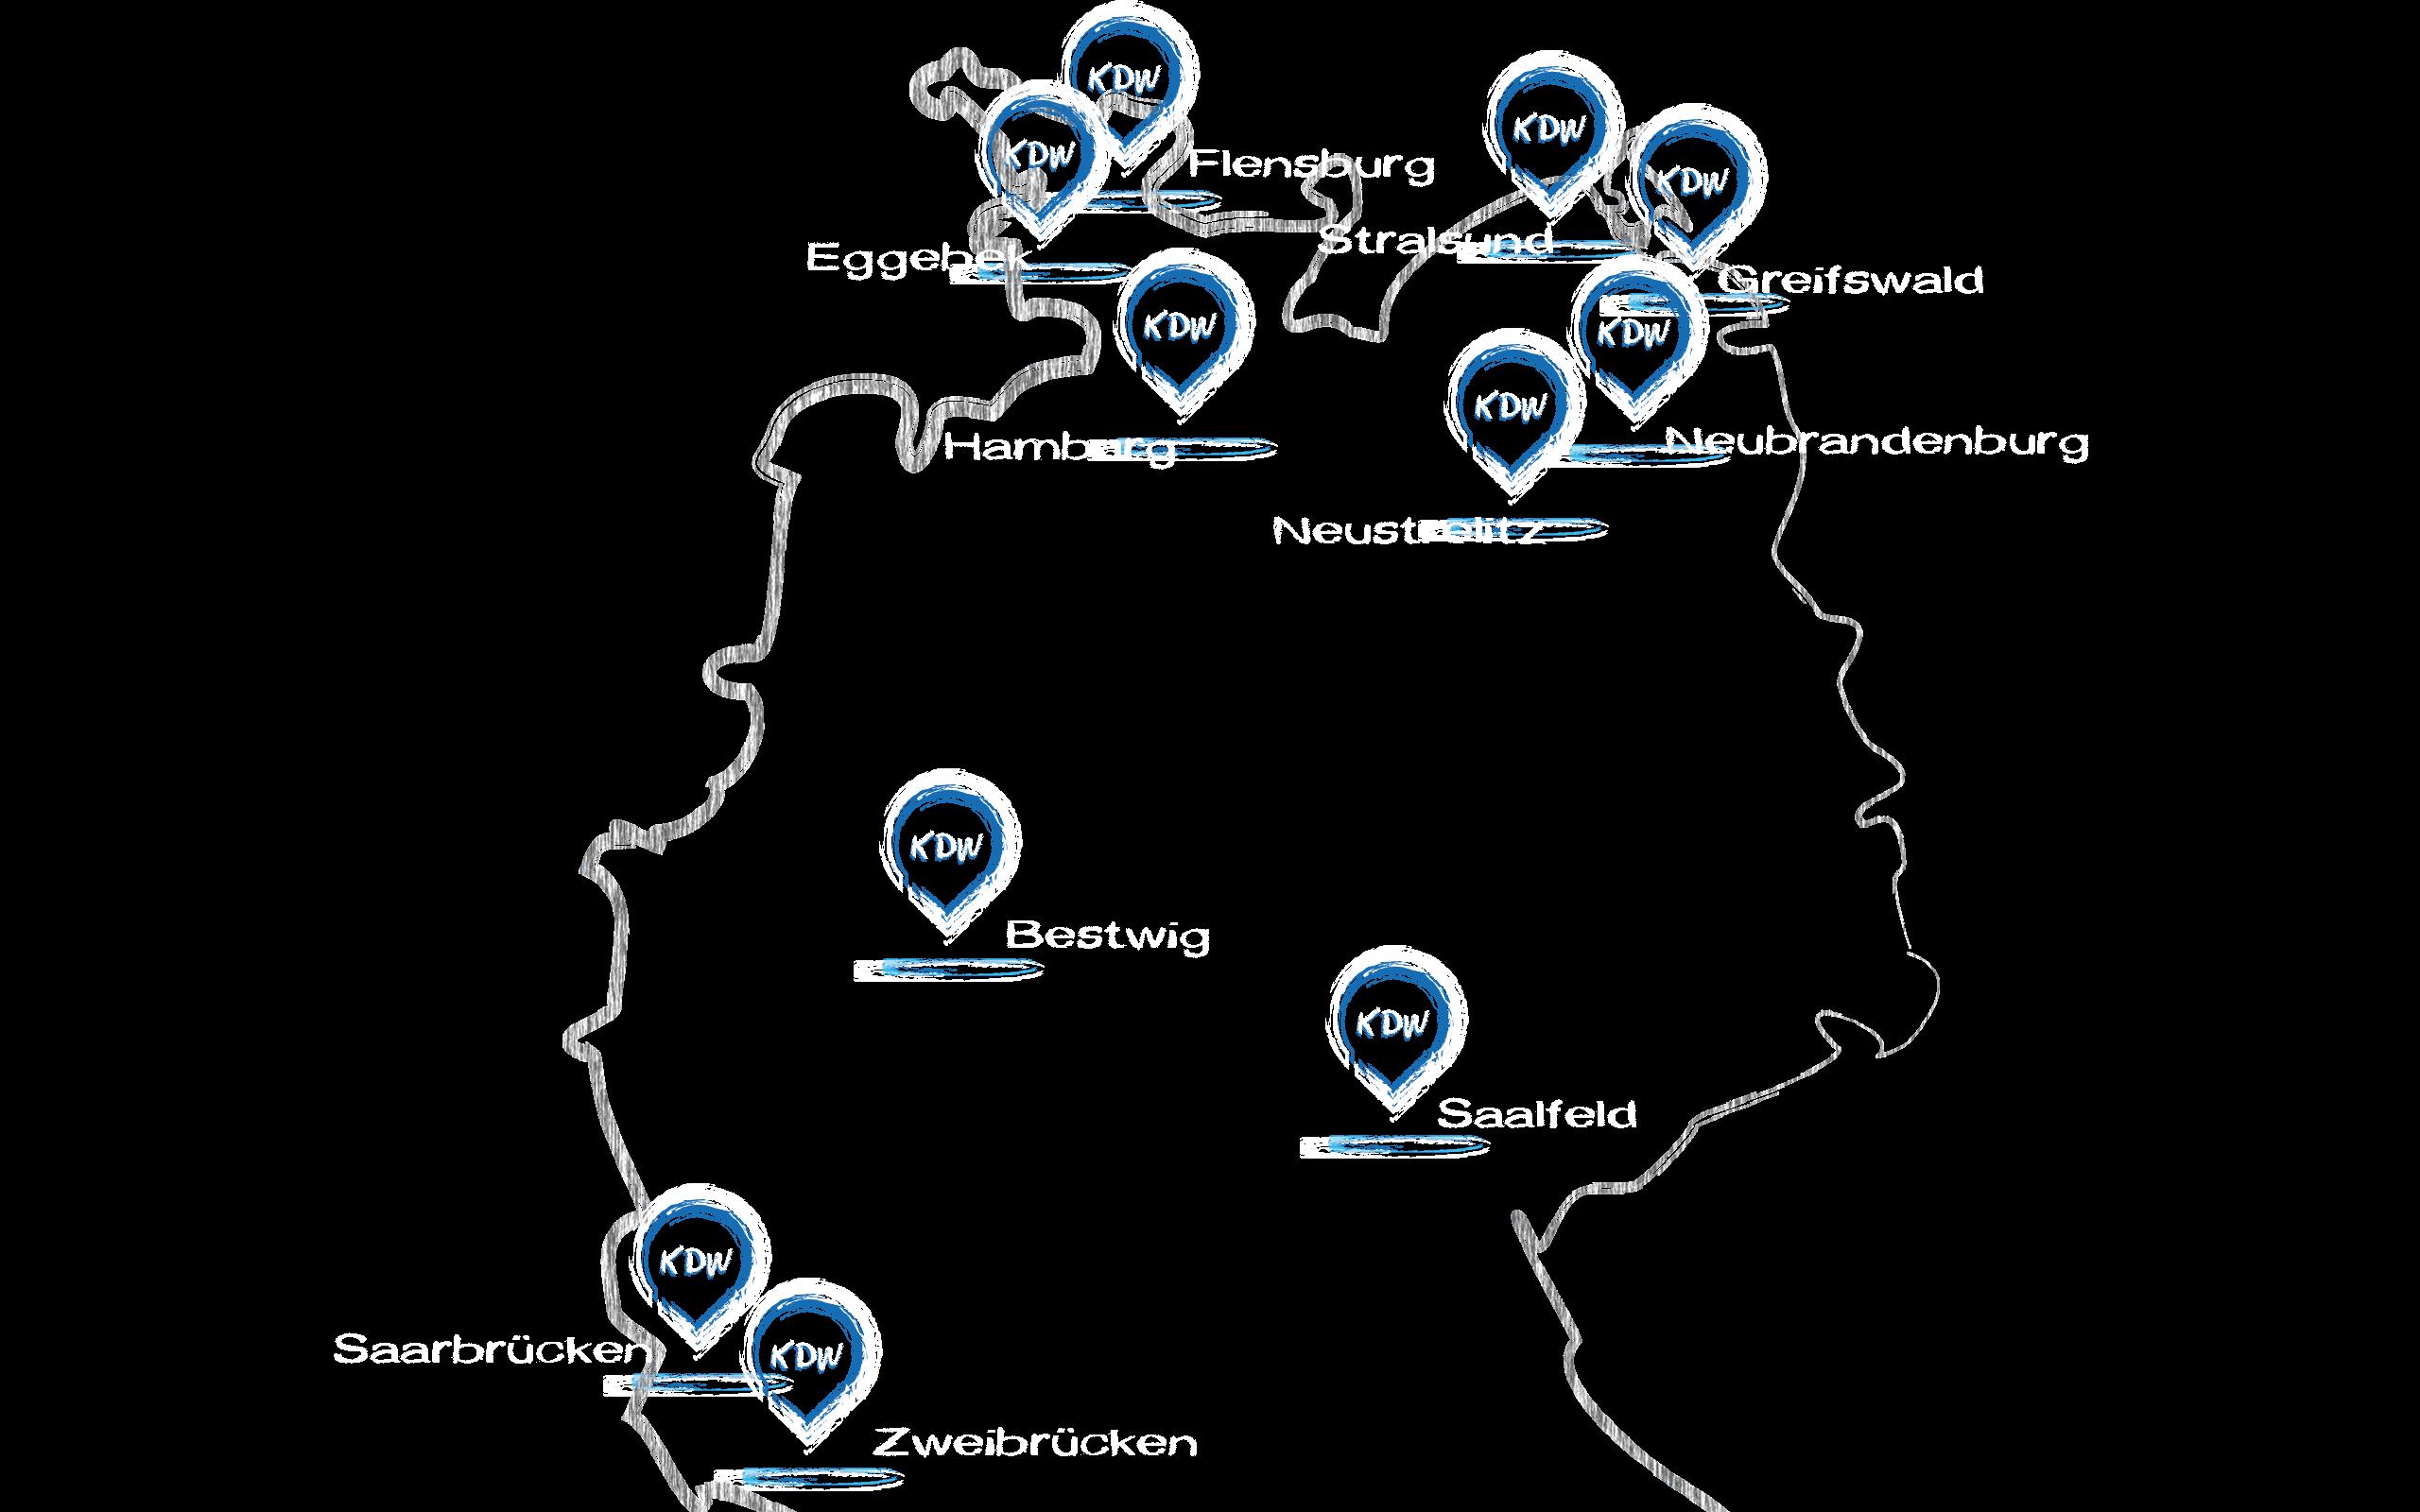 KDW Standorte Deutschland